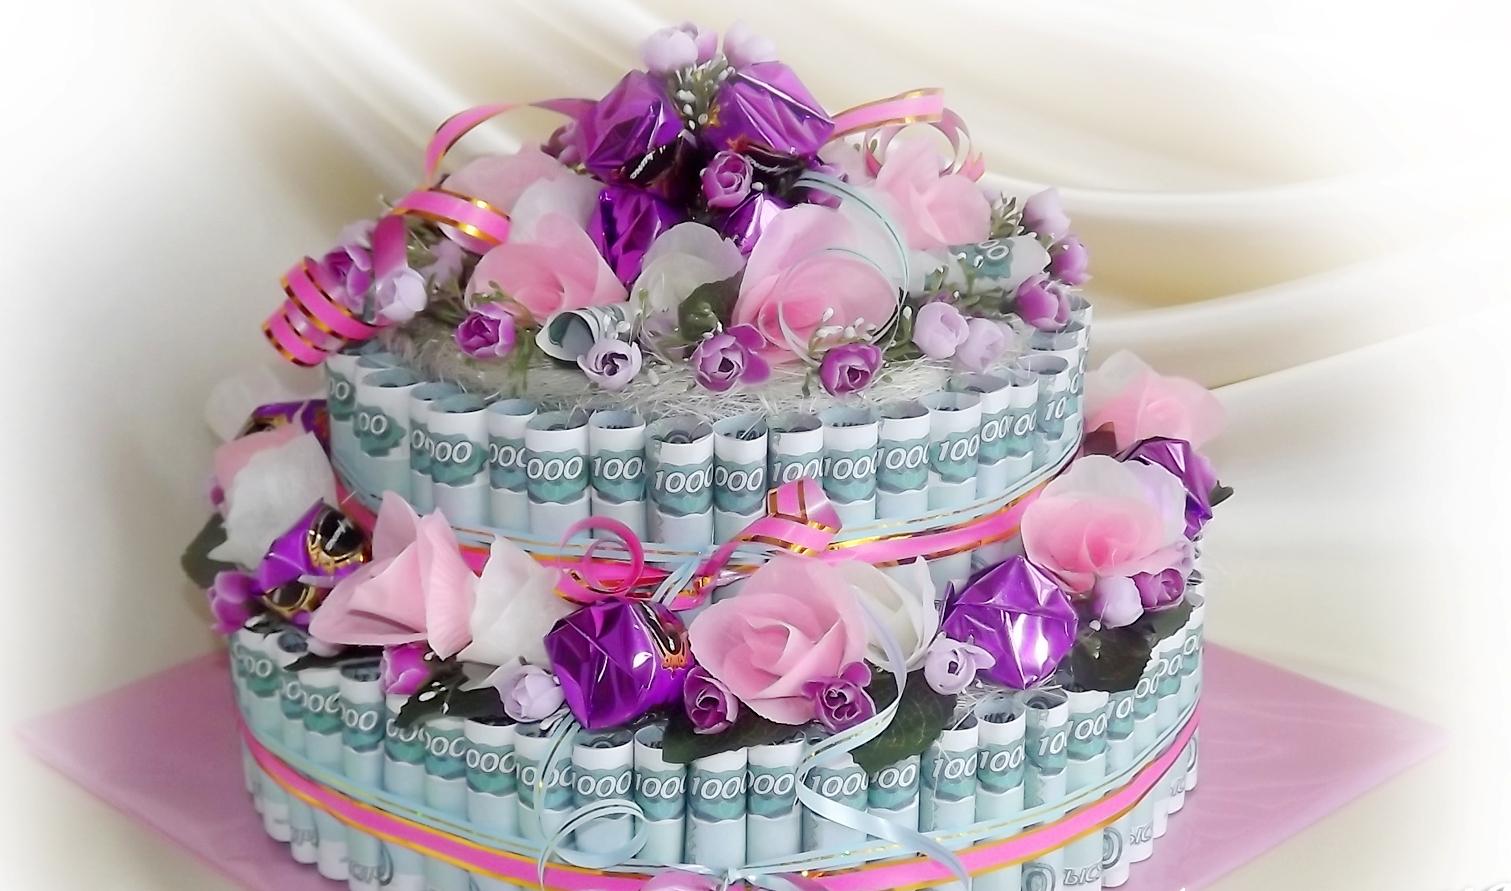 поздравления про денежный торт прикольные фото